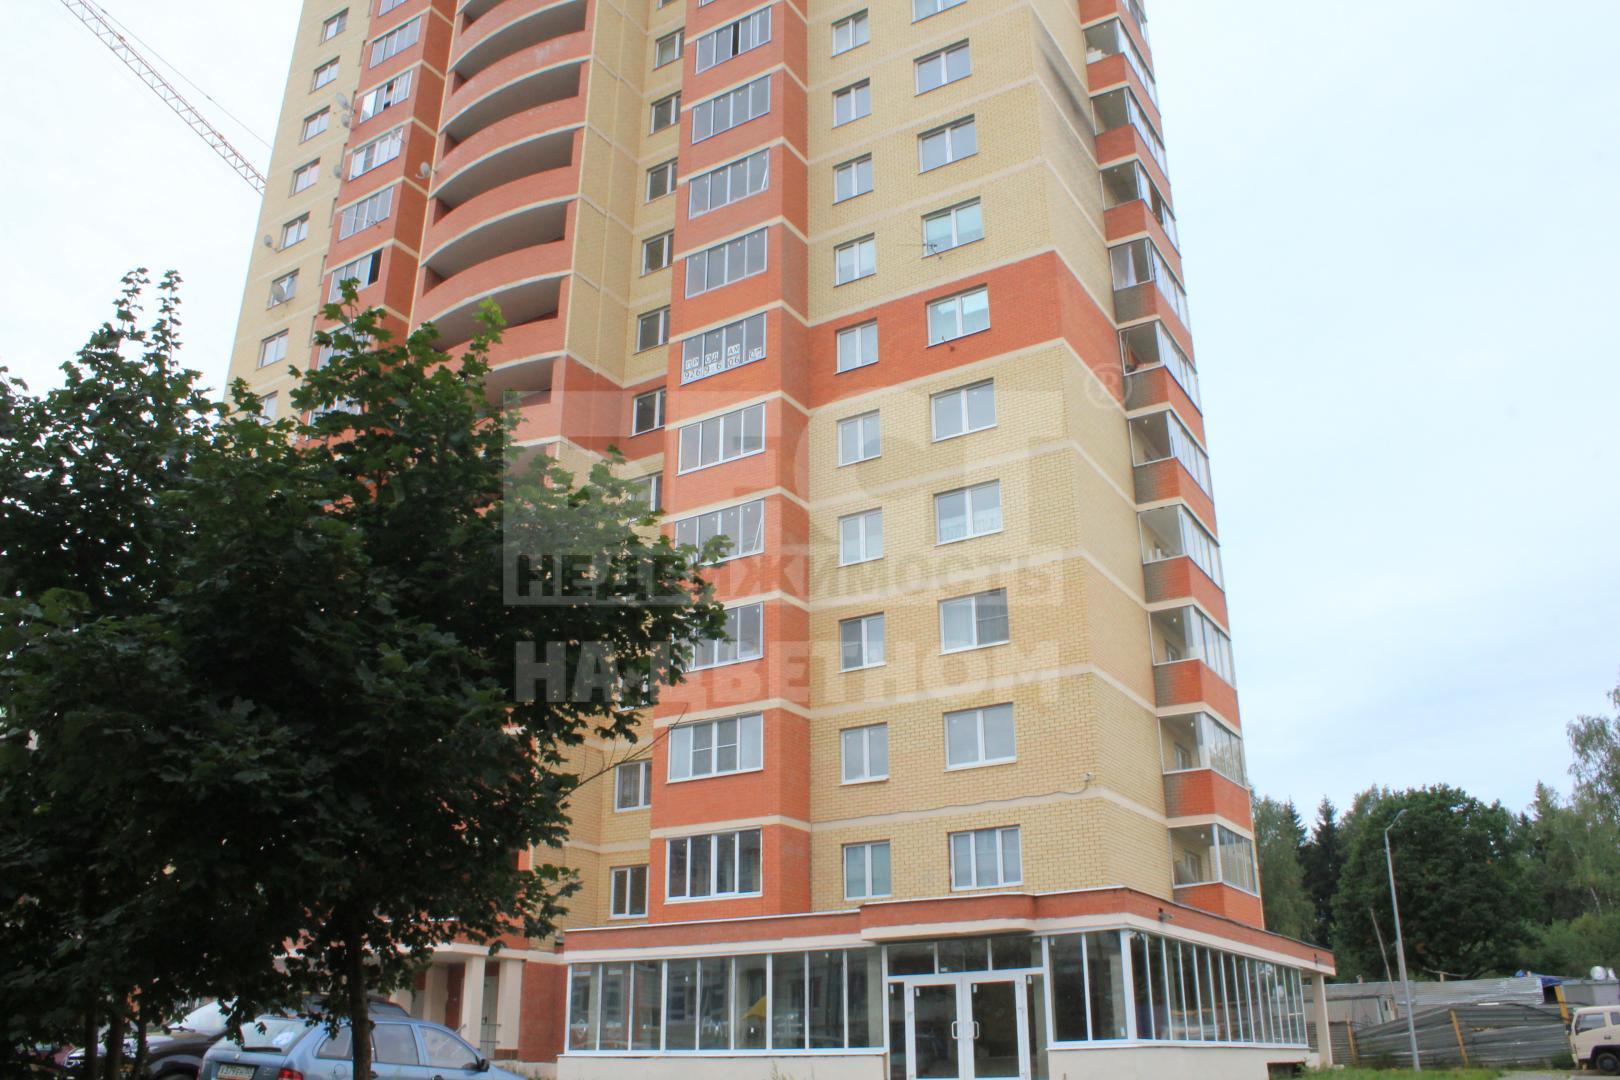 Жуково, жилой комплекс Березки